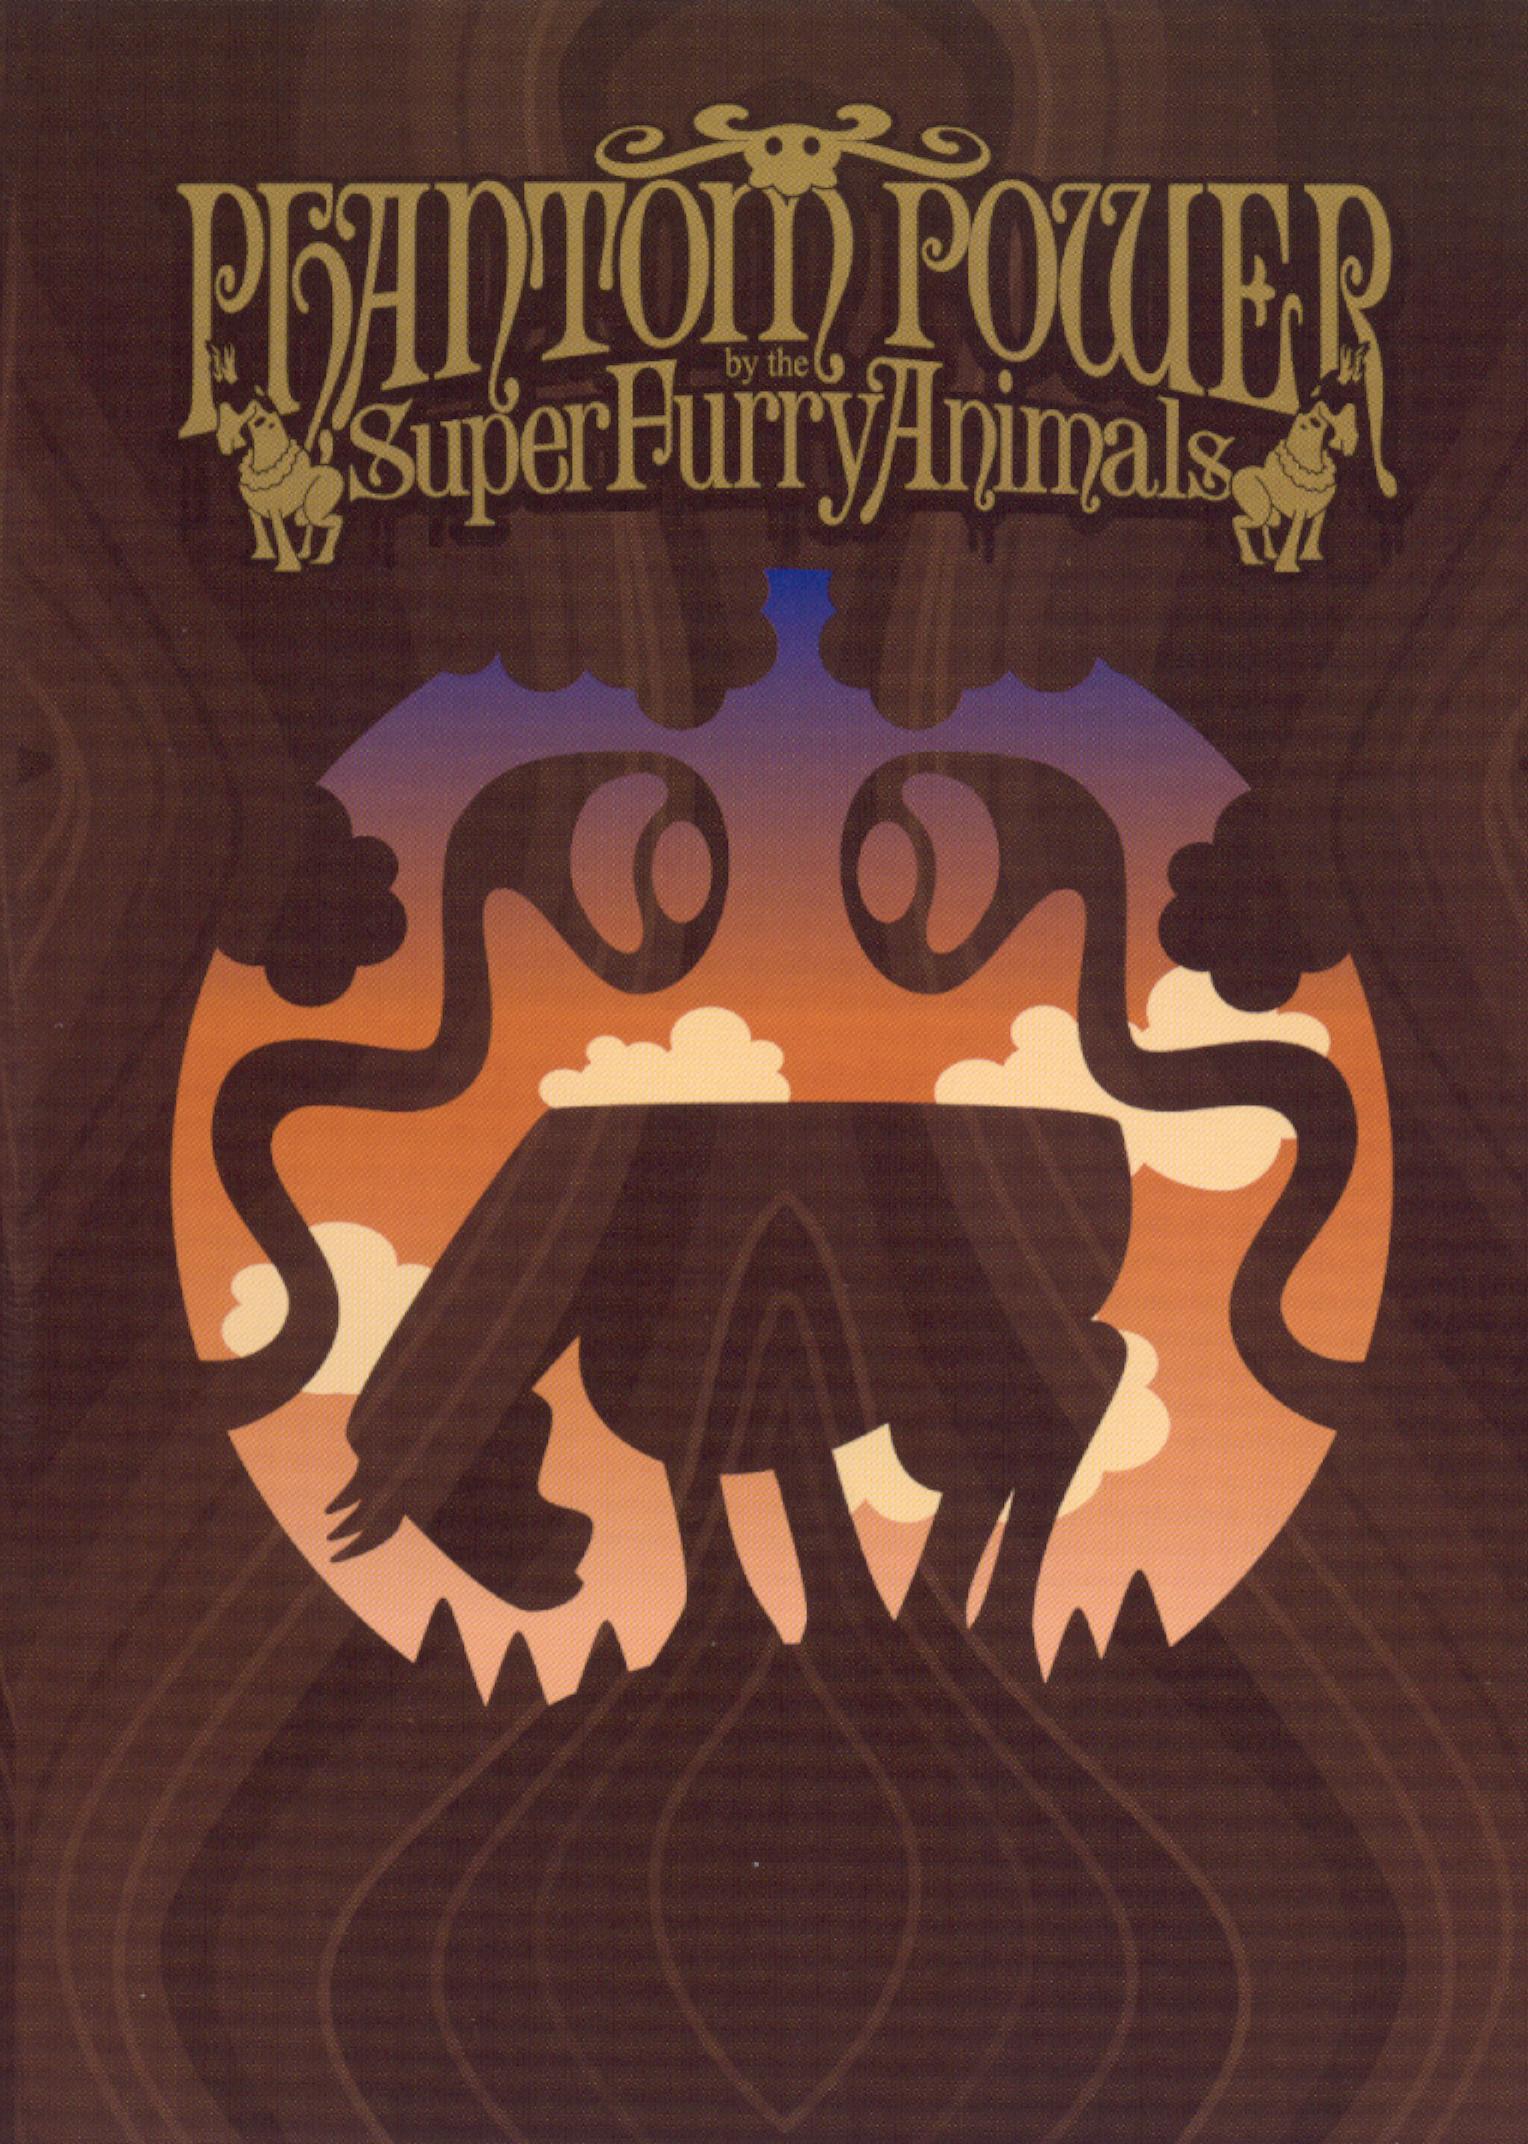 Super Furry Animals: Phantom Power